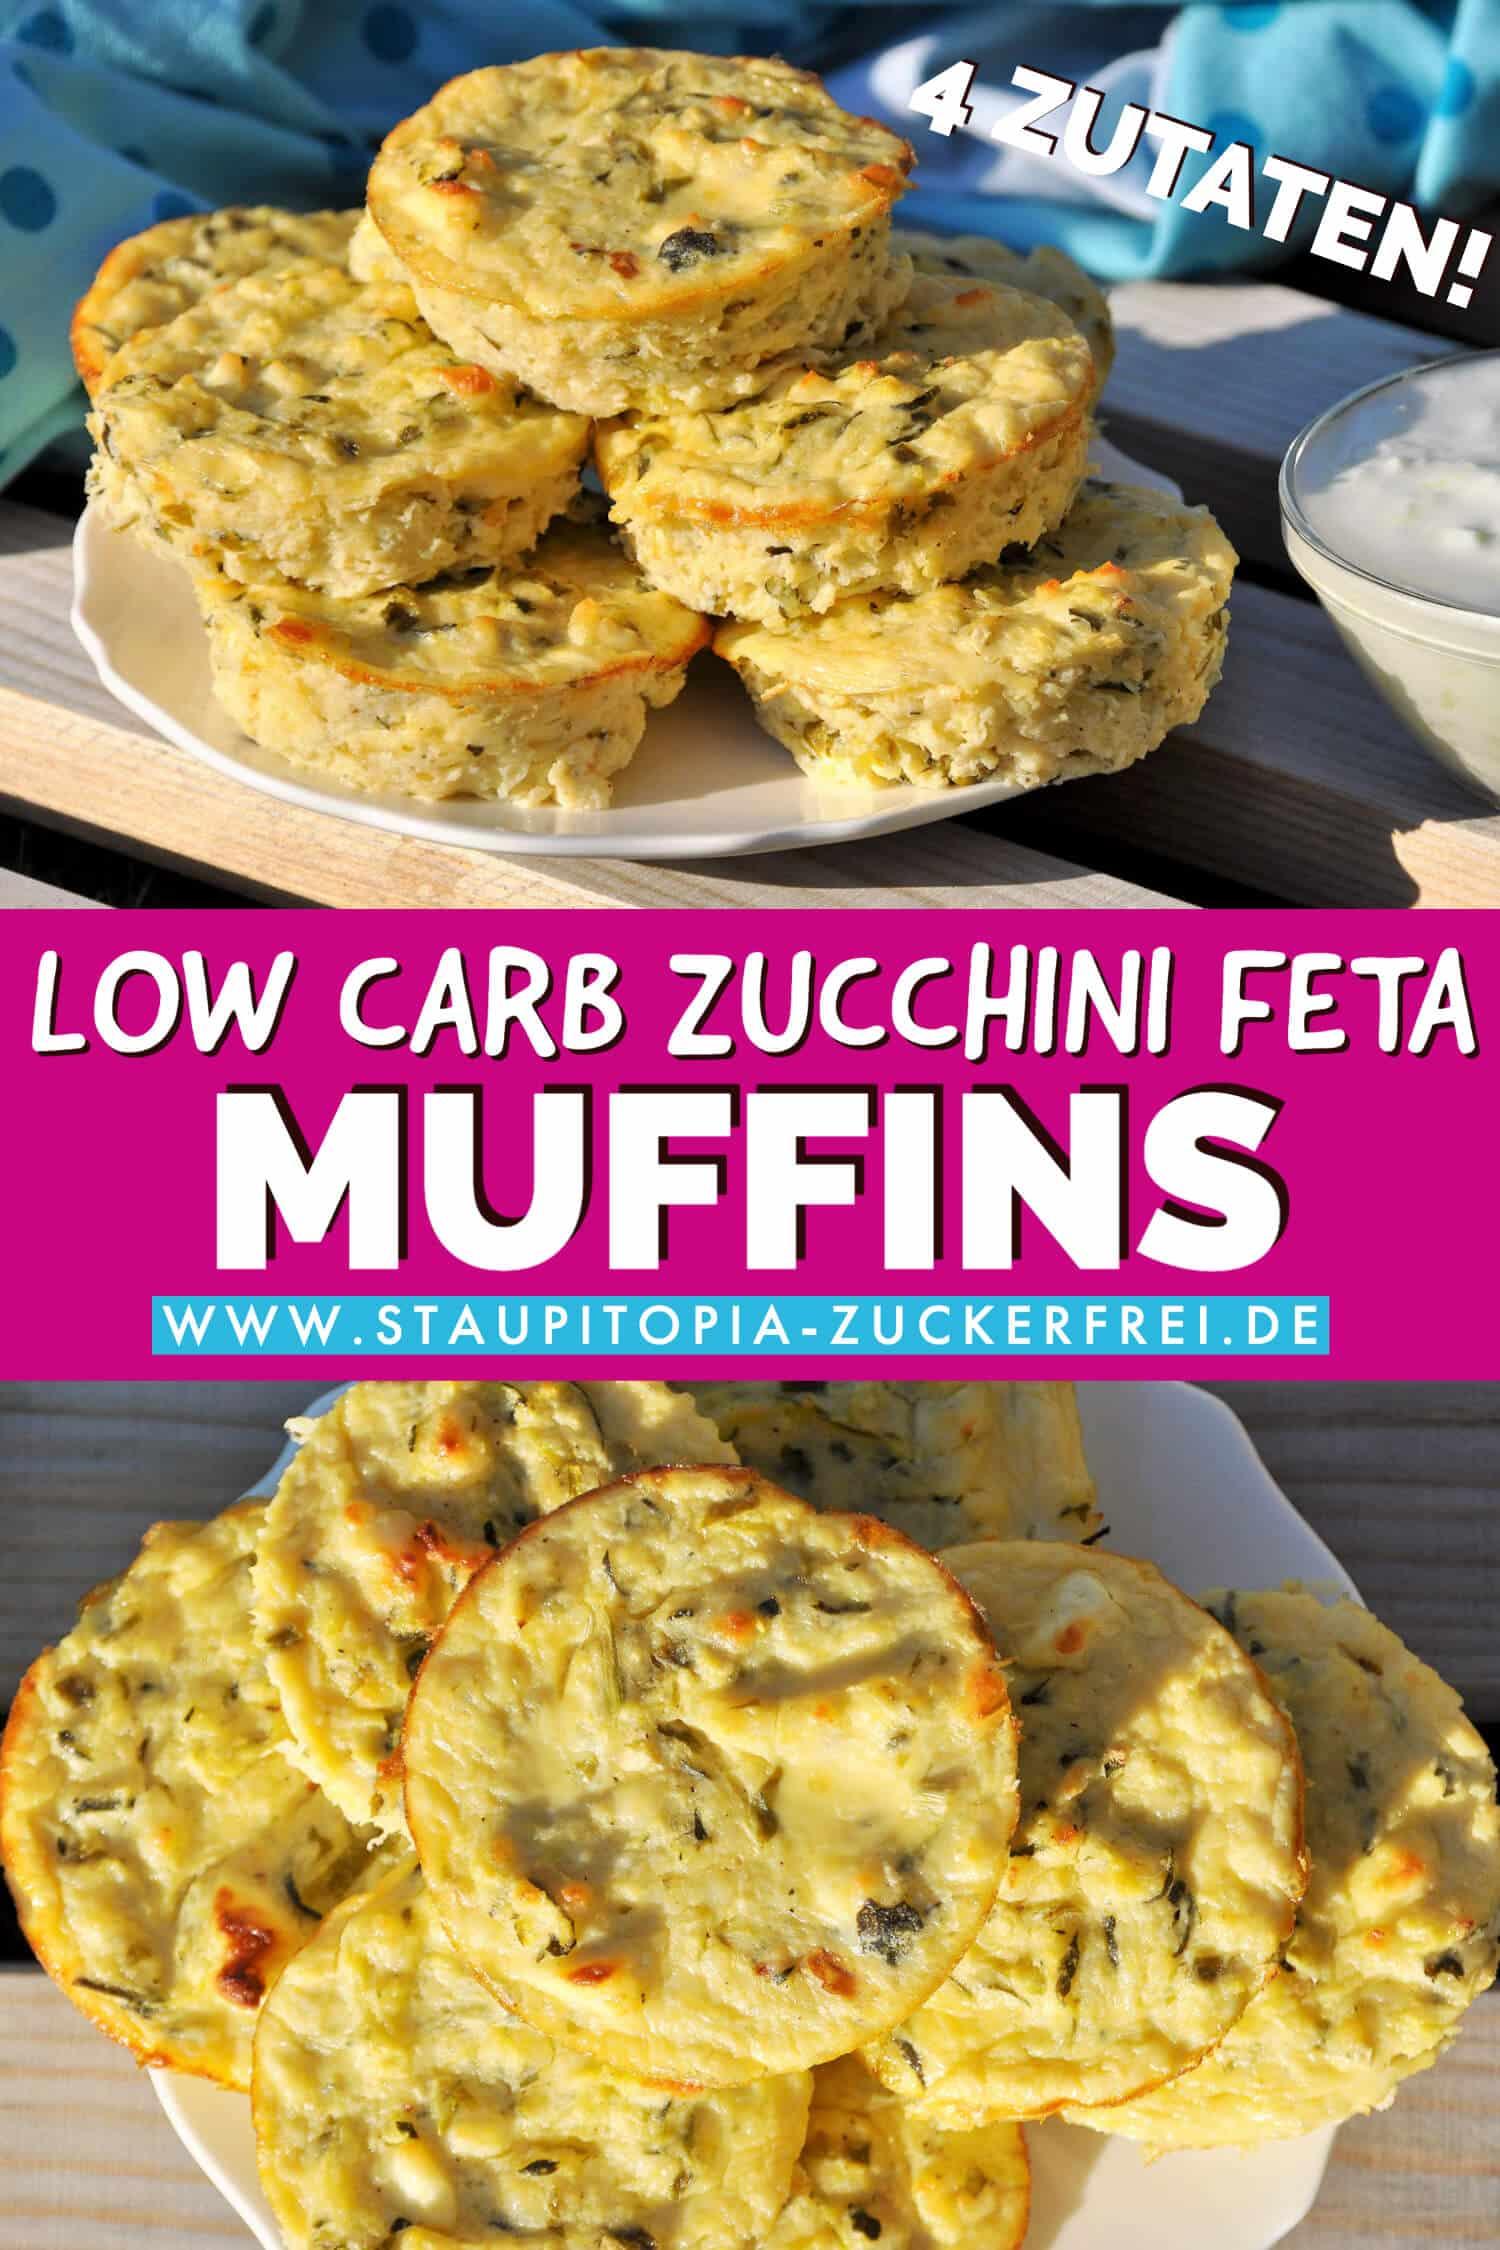 Low Carb Zucchini Feta Muffins Aus Nur 4 Zutaten Staupitopia